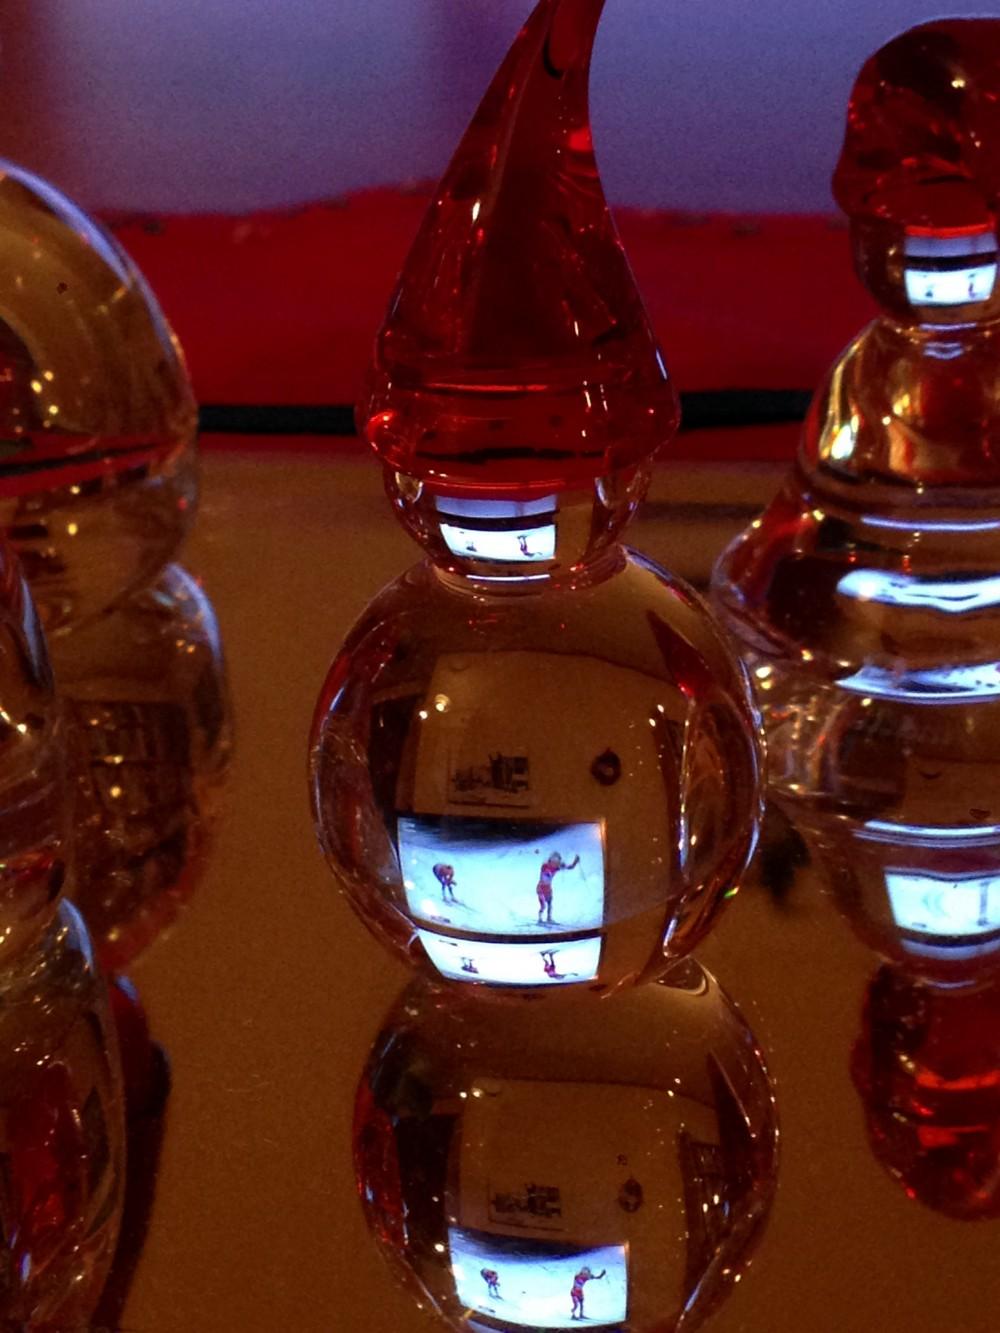 NRKs sportssending reflektert gjennom noen glassnisser på et bord